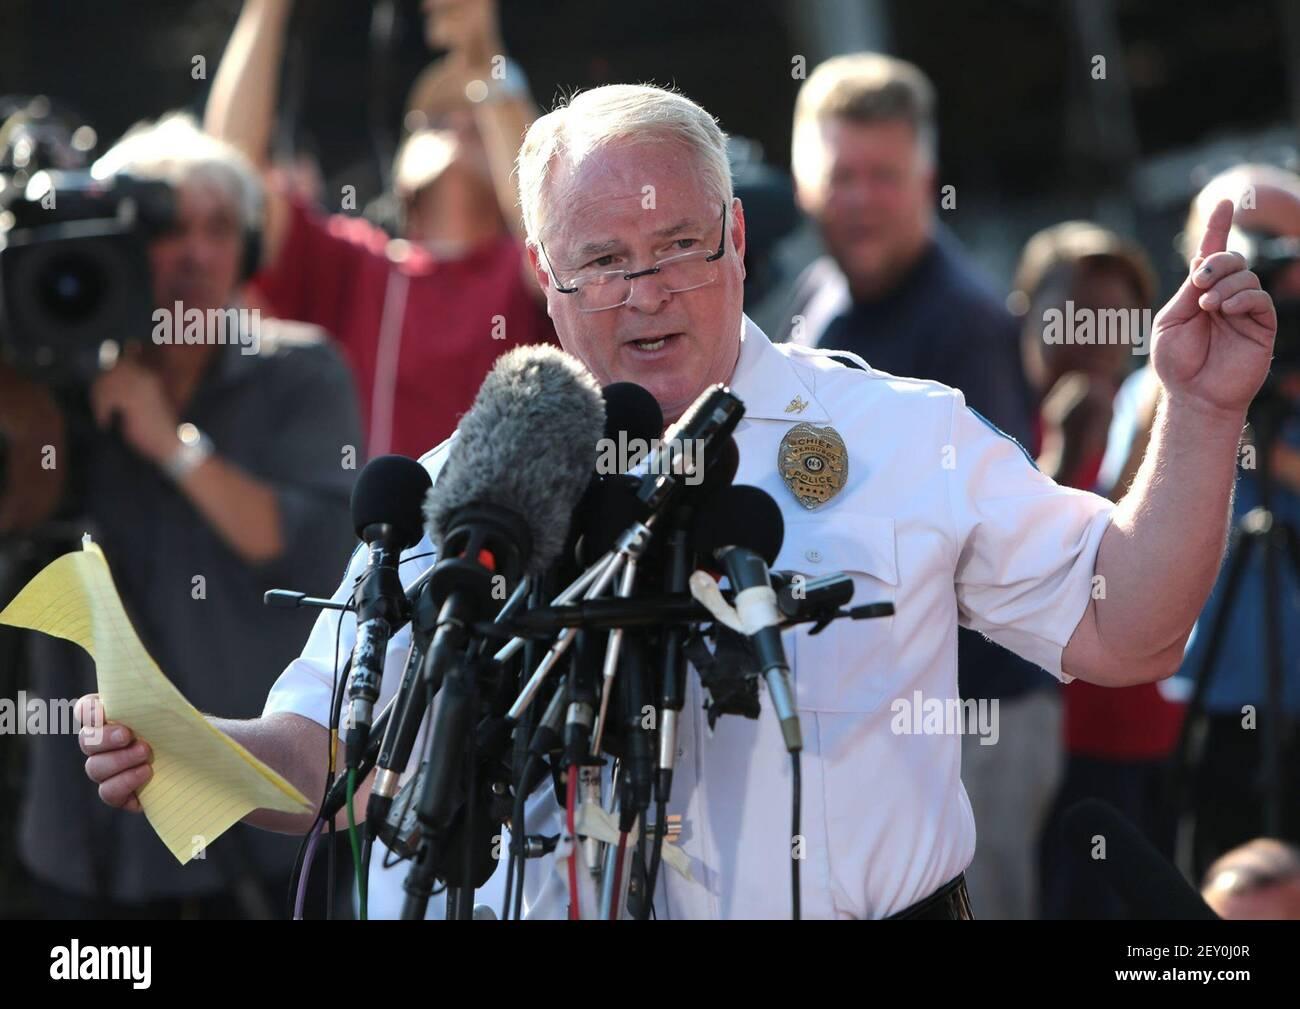 Le chef de la police de Ferguson, Thomas Jackson le policier Darren Wilson a été le tireur de Michael Brown devant une foule de journalistes et de citoyens le vendredi 15 août 2014, au Burnt QuickTrip situé sur W. Florissant à Ferguson, Missouri (Laurie Skrivan/St. Louis Post-Dispatch/MCT/Sipa USA) Banque D'Images